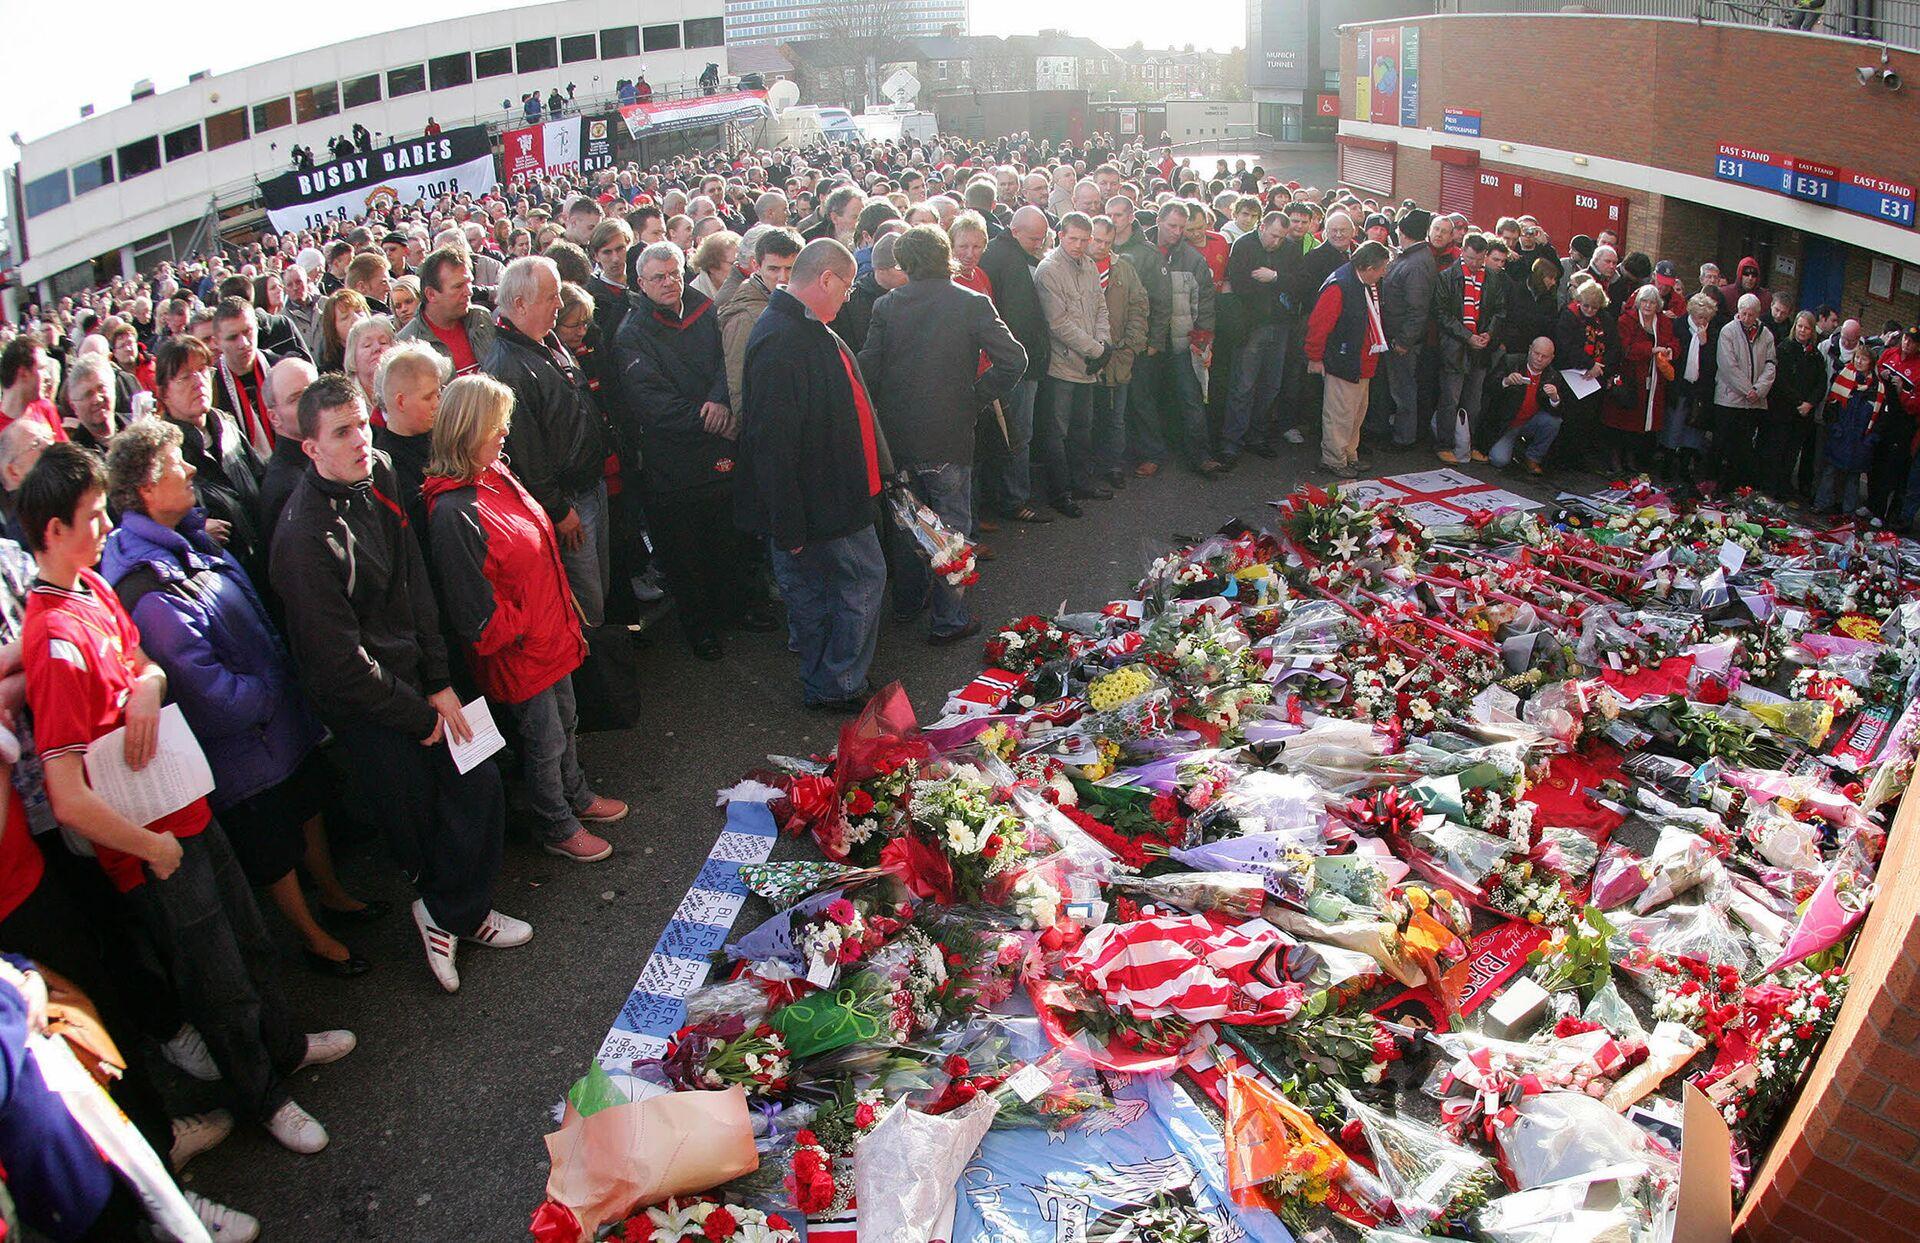 Возложение цветов к мемориалу, открытому в честь 50-летия со дня авиакатастрофы с футбольным клубом Манчестер Юнайтед - РИА Новости, 1920, 06.02.2020